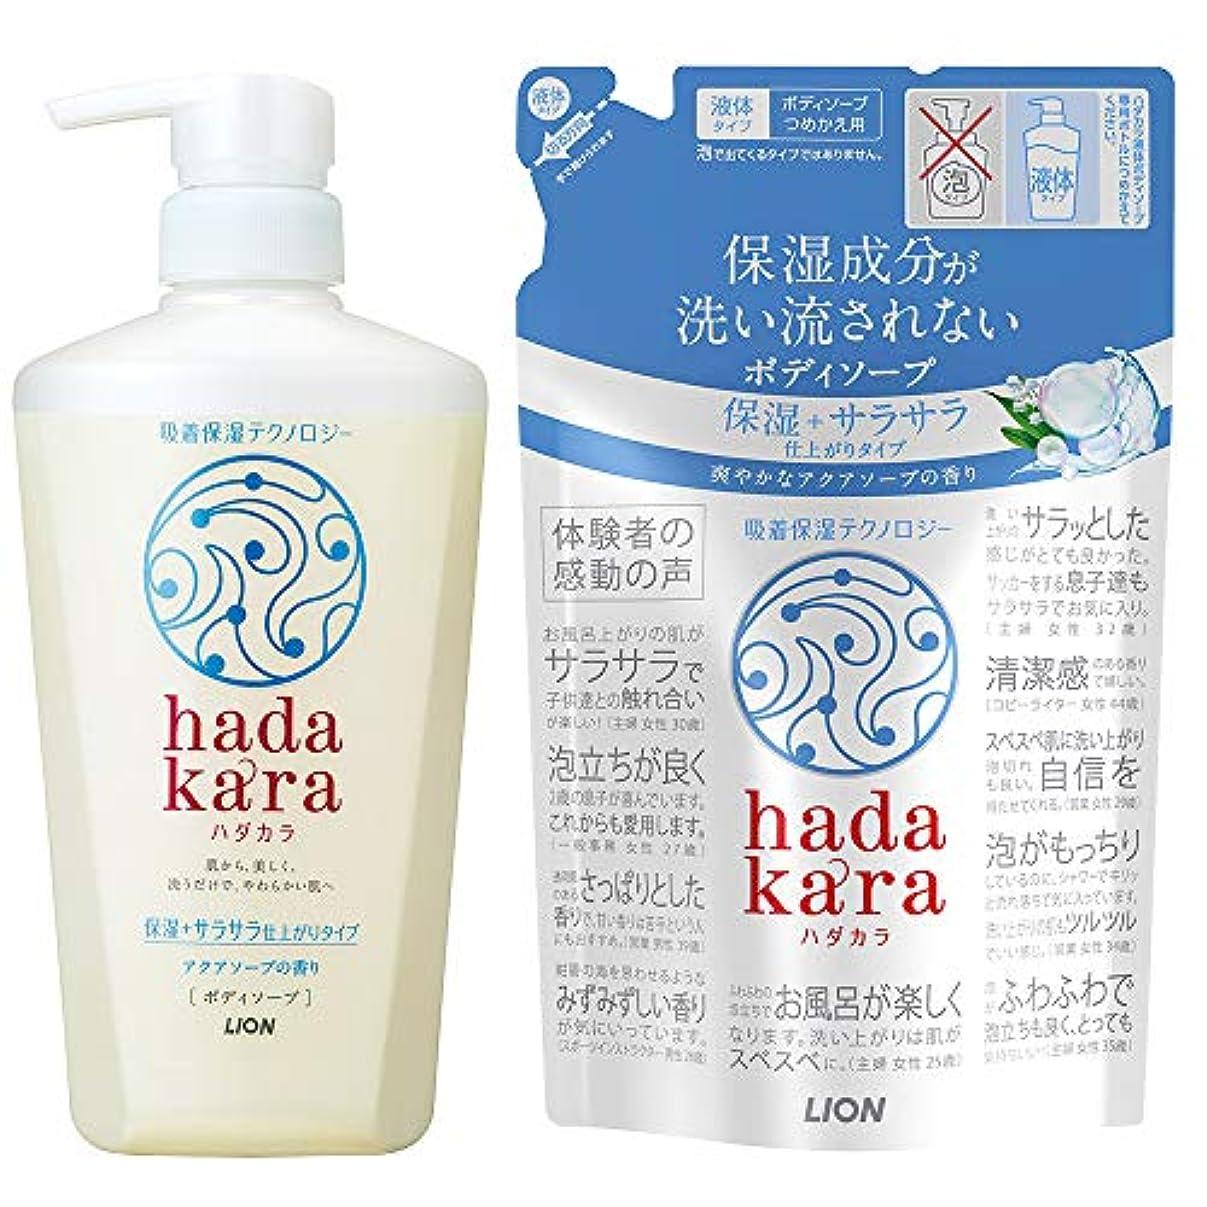 ホラーより多い批判hadakara(ハダカラ) ボディソープ 保湿+サラサラ仕上がりタイプ アクアソープの香り (本体480ml+つめかえ340ml) アクアソープ(保湿+サラサラ仕上がり) +